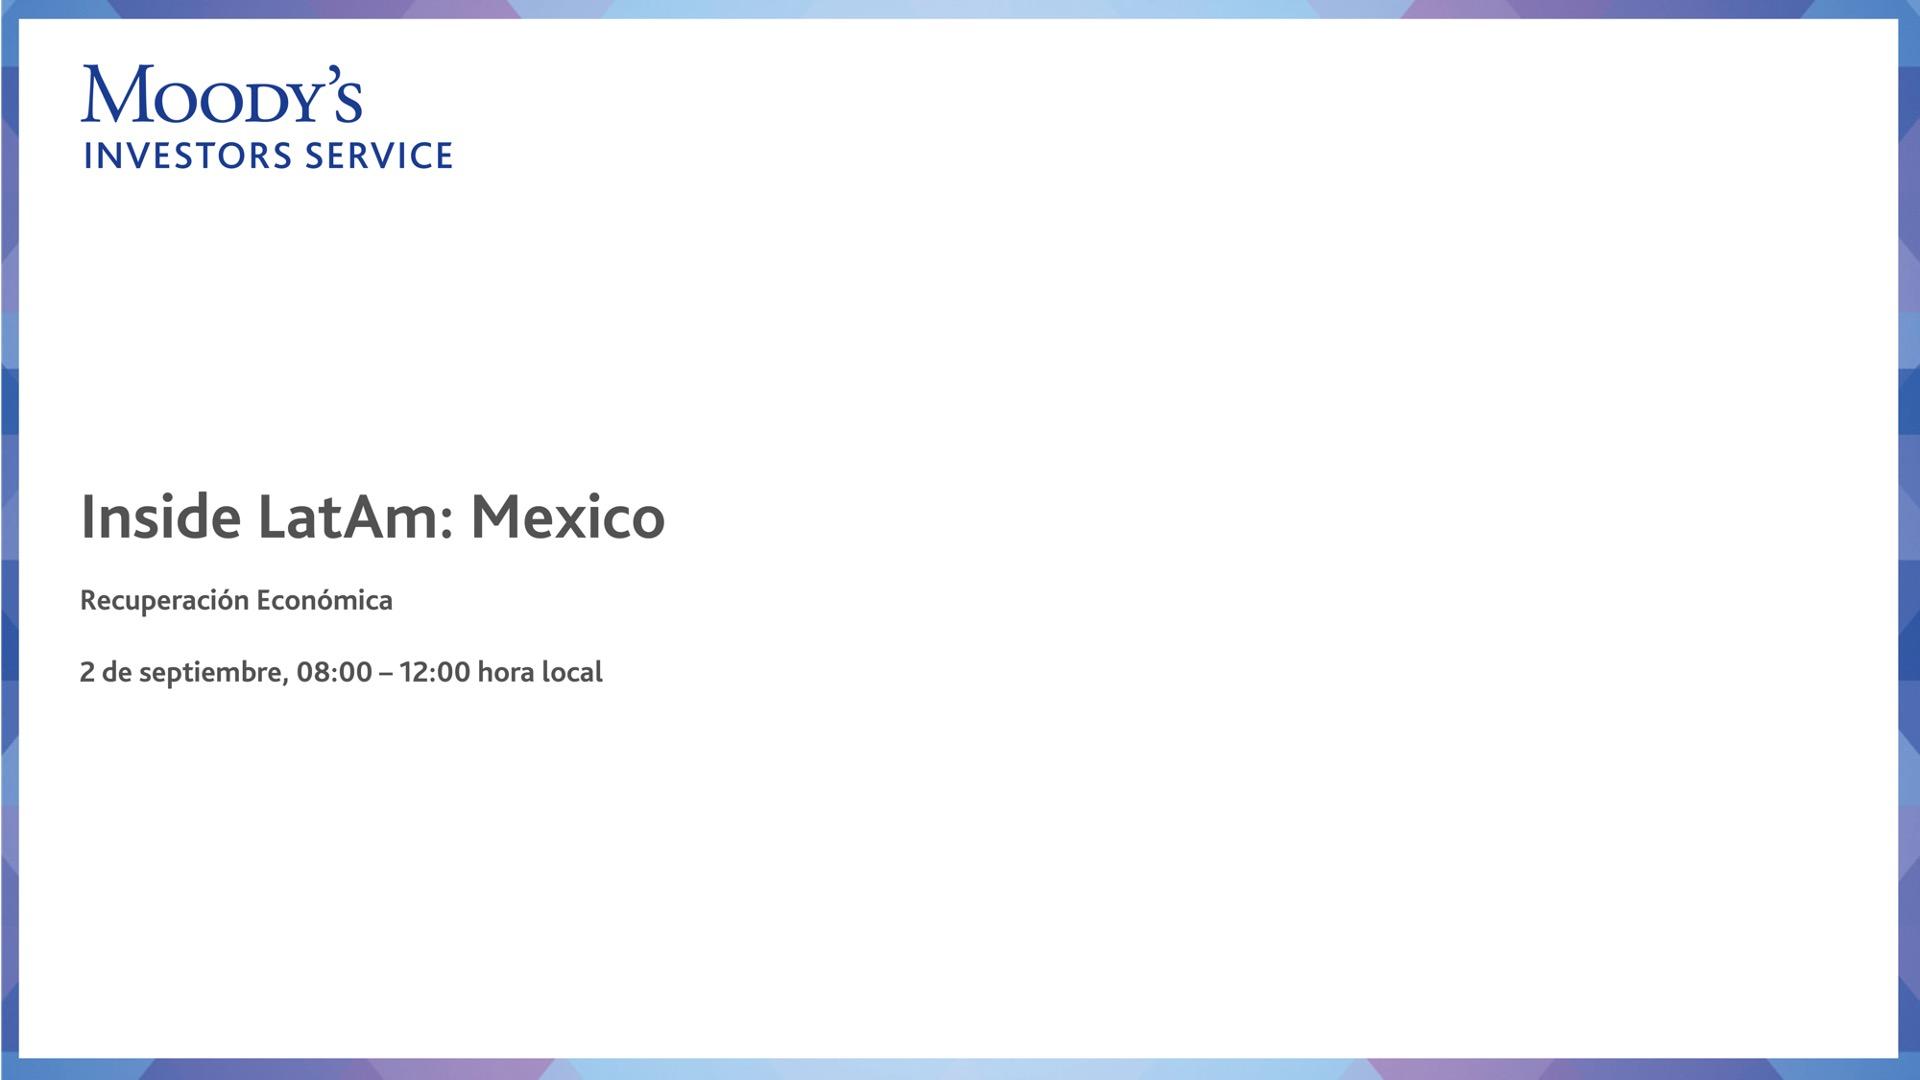 Inside LatAm: Mexico